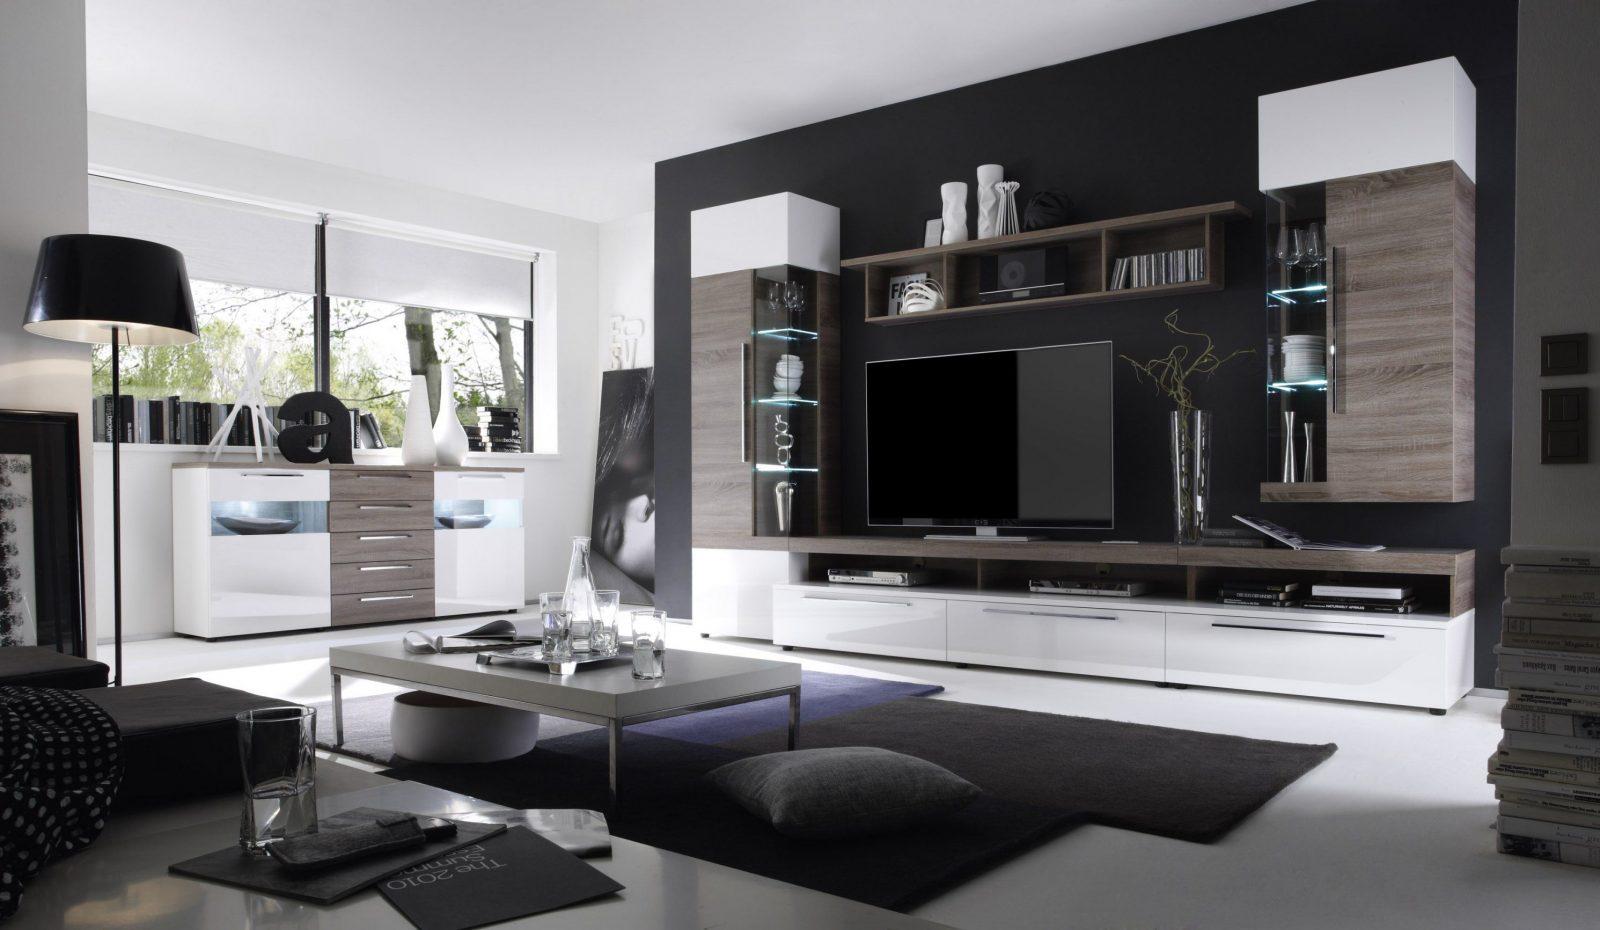 Marvelous Wohnzimmer Streichen Grau Home Design Ideas von Wohnzimmer ...